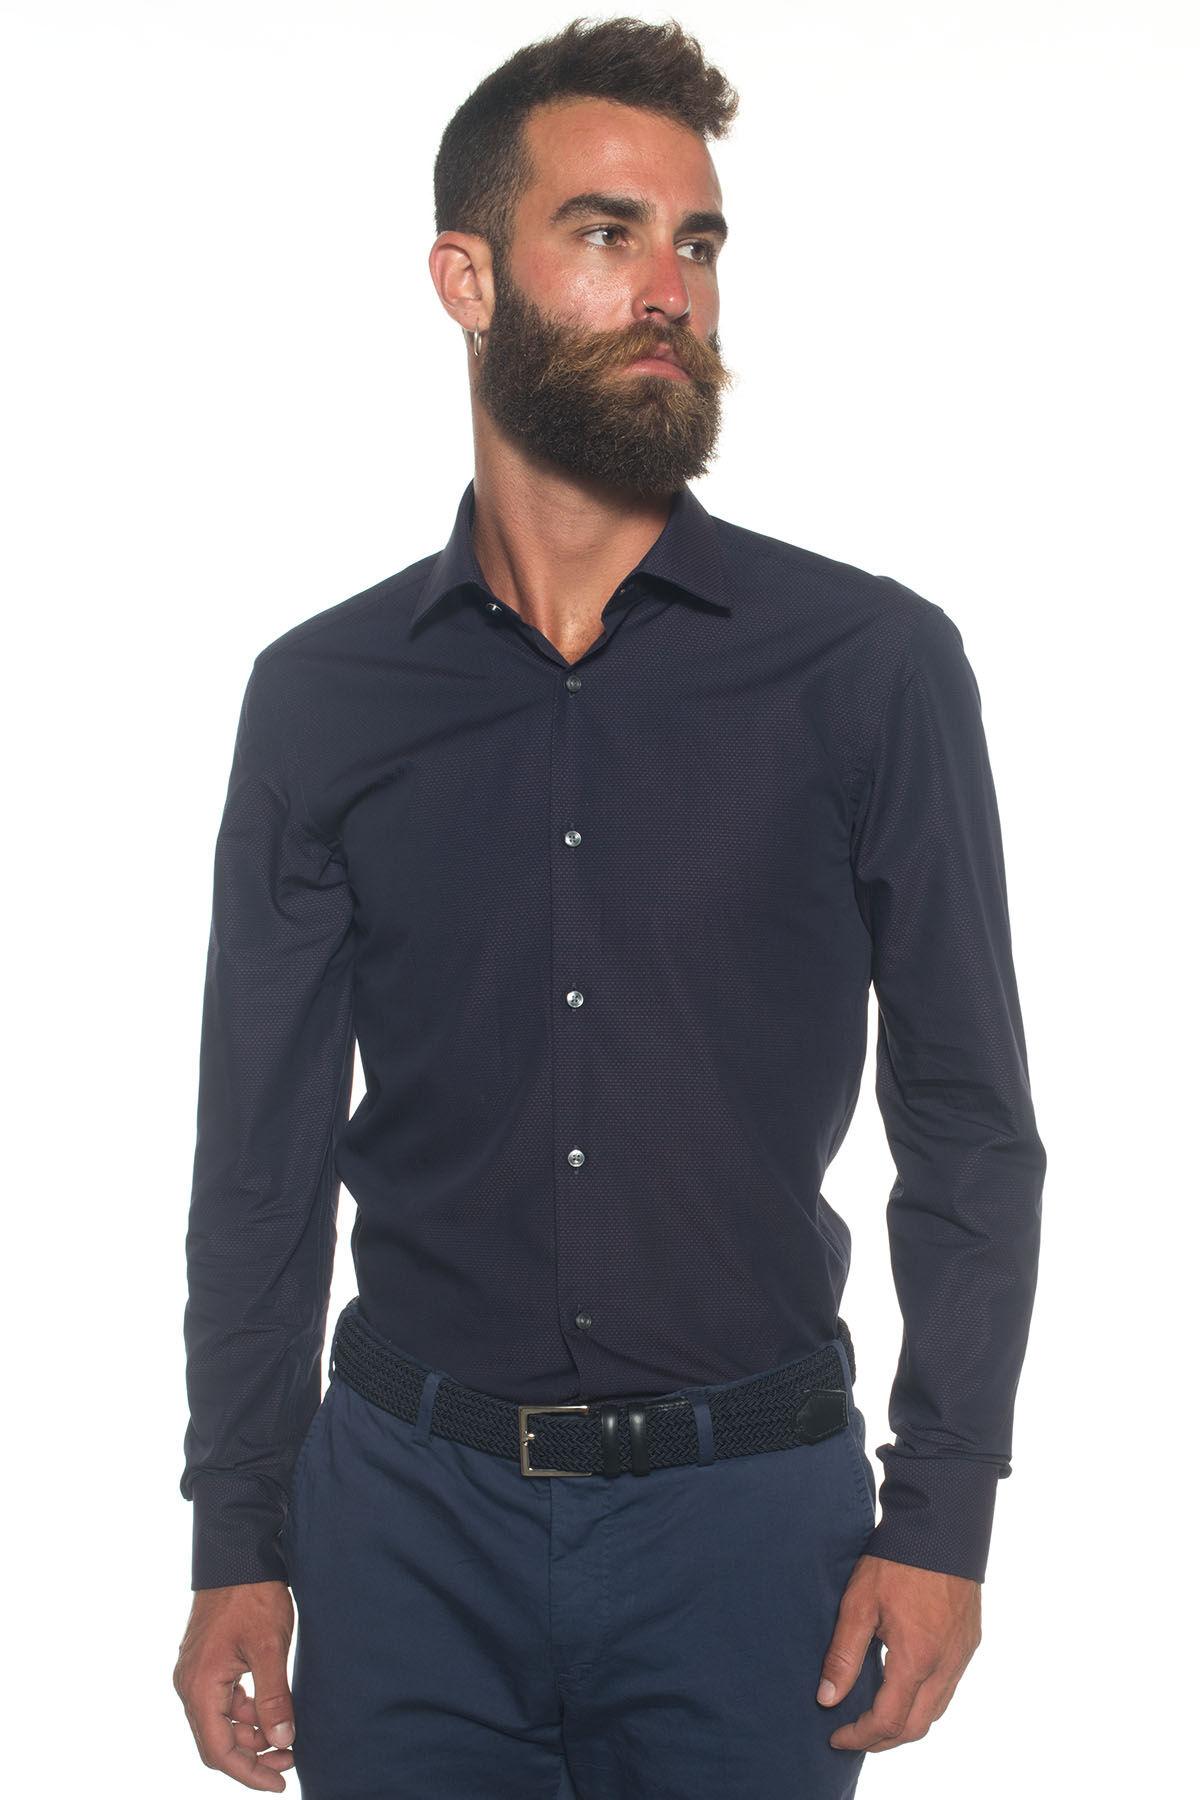 Boss Camicia classica da uomo Blu/bordeau Cotone Uomo